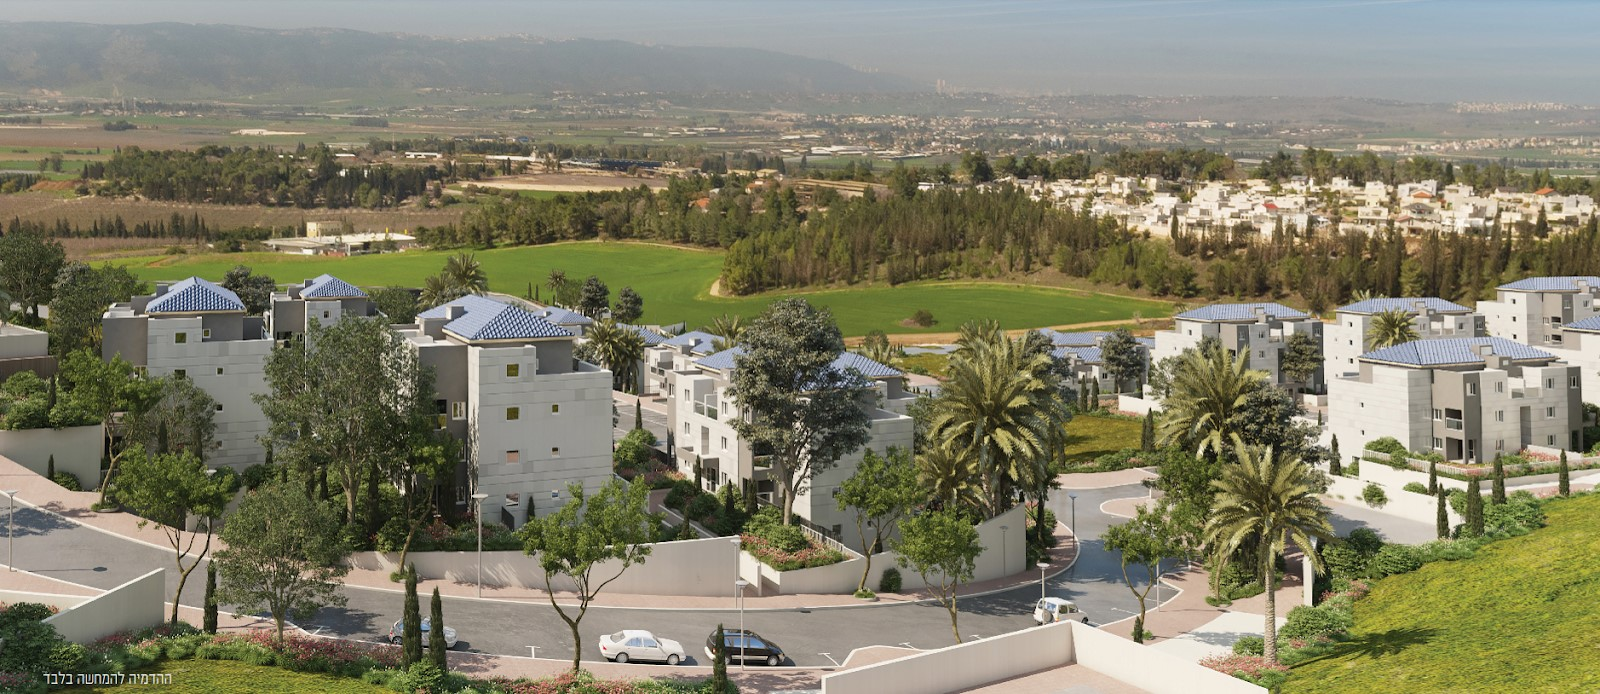 יותר ויותר משפחות בחרו בשכונה הכי יפה בעמק המושבה שריד – ההצלחה של עמק יזרעאל